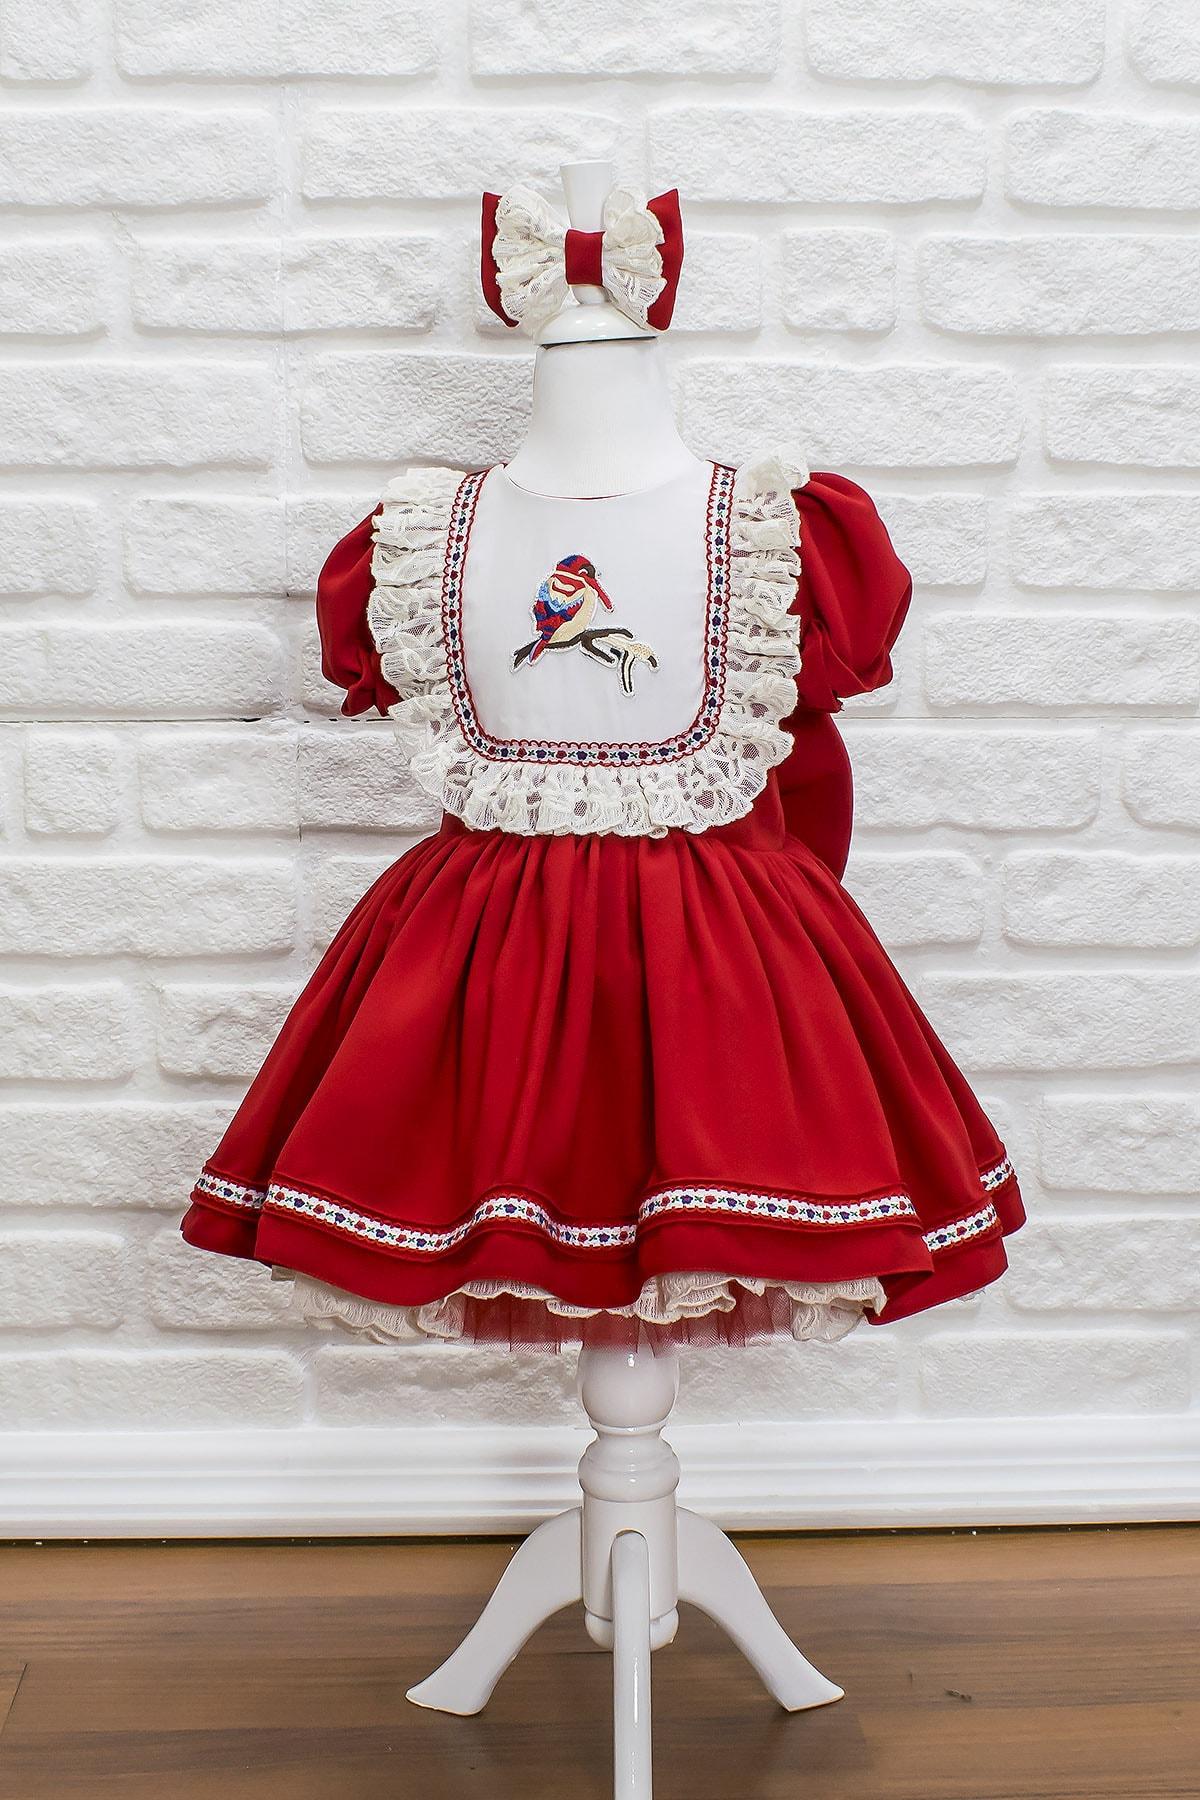 JBK JUST BABY AND KIDS STORE Çocuk Kuş Nakışlı Dantel Detaylı Kırmızı Elbise 1